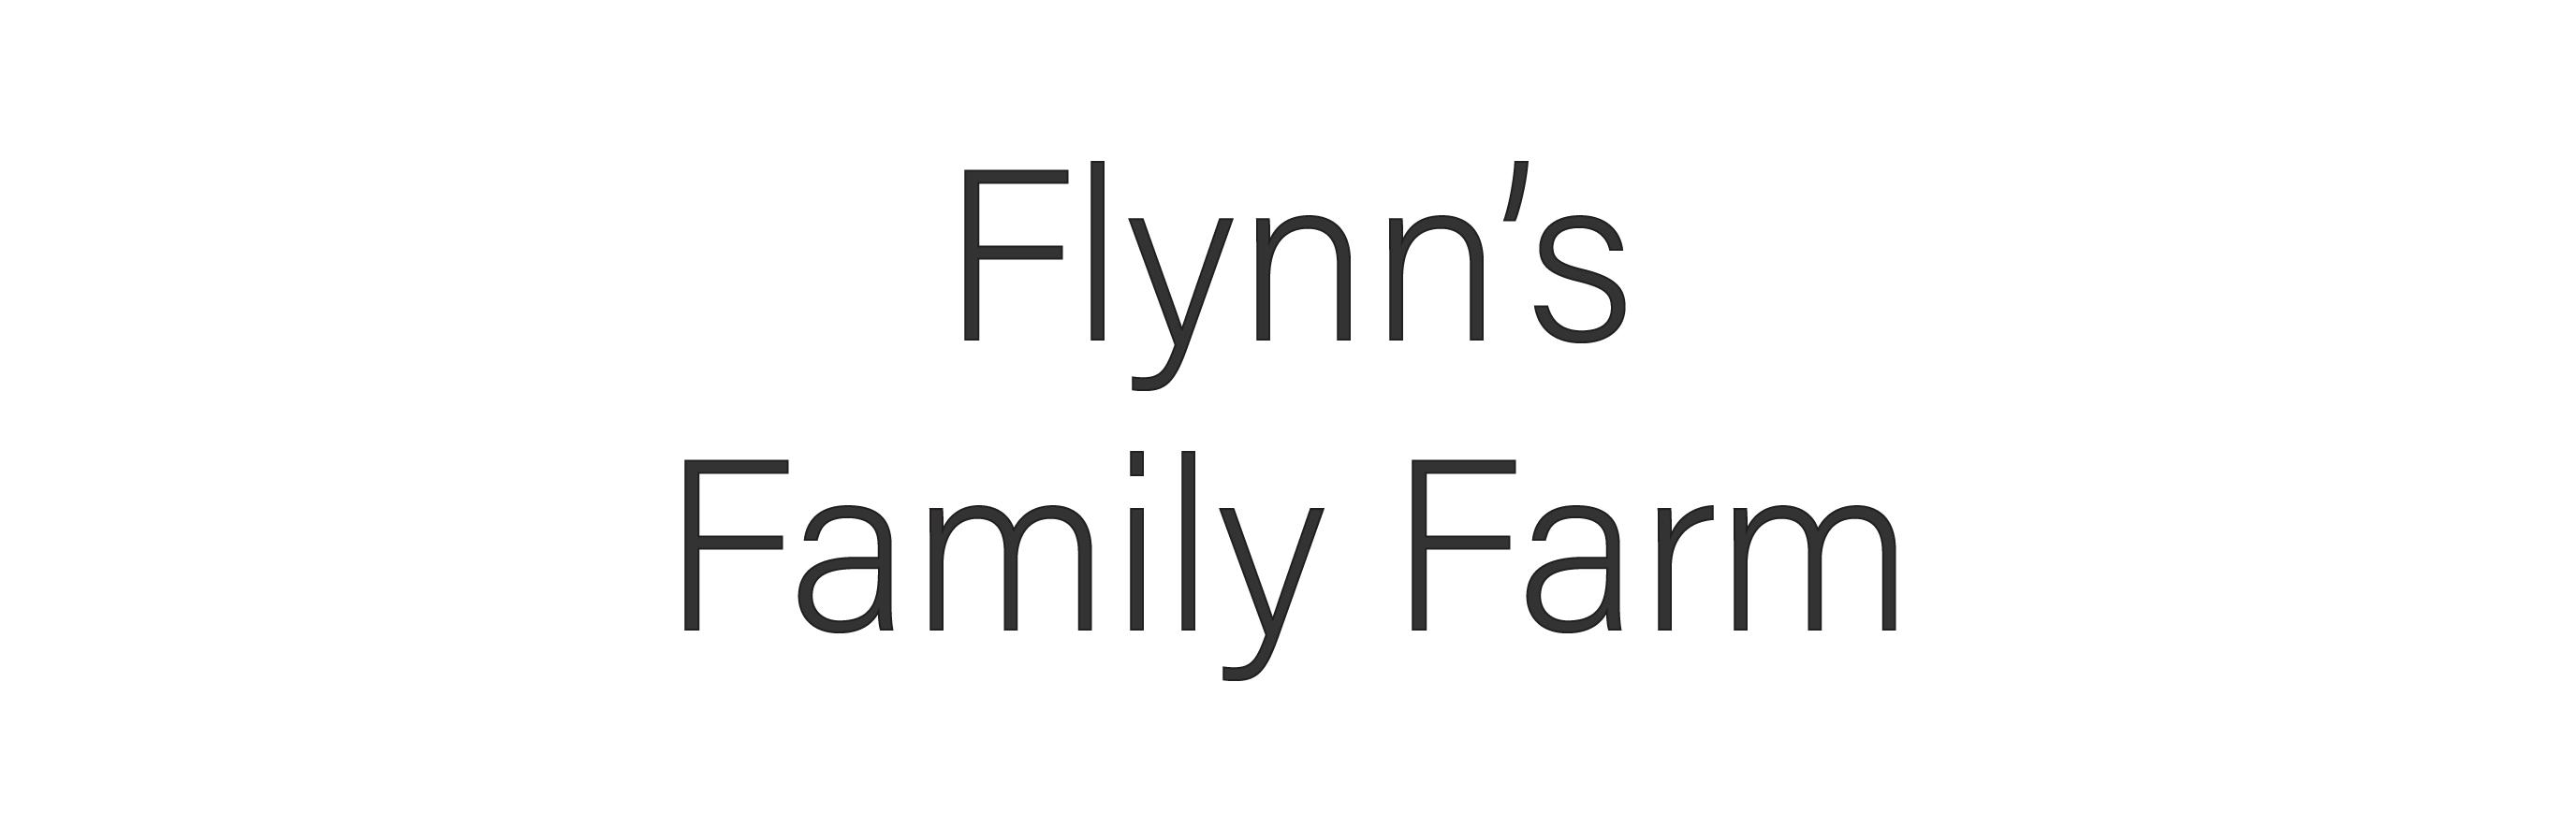 flynns